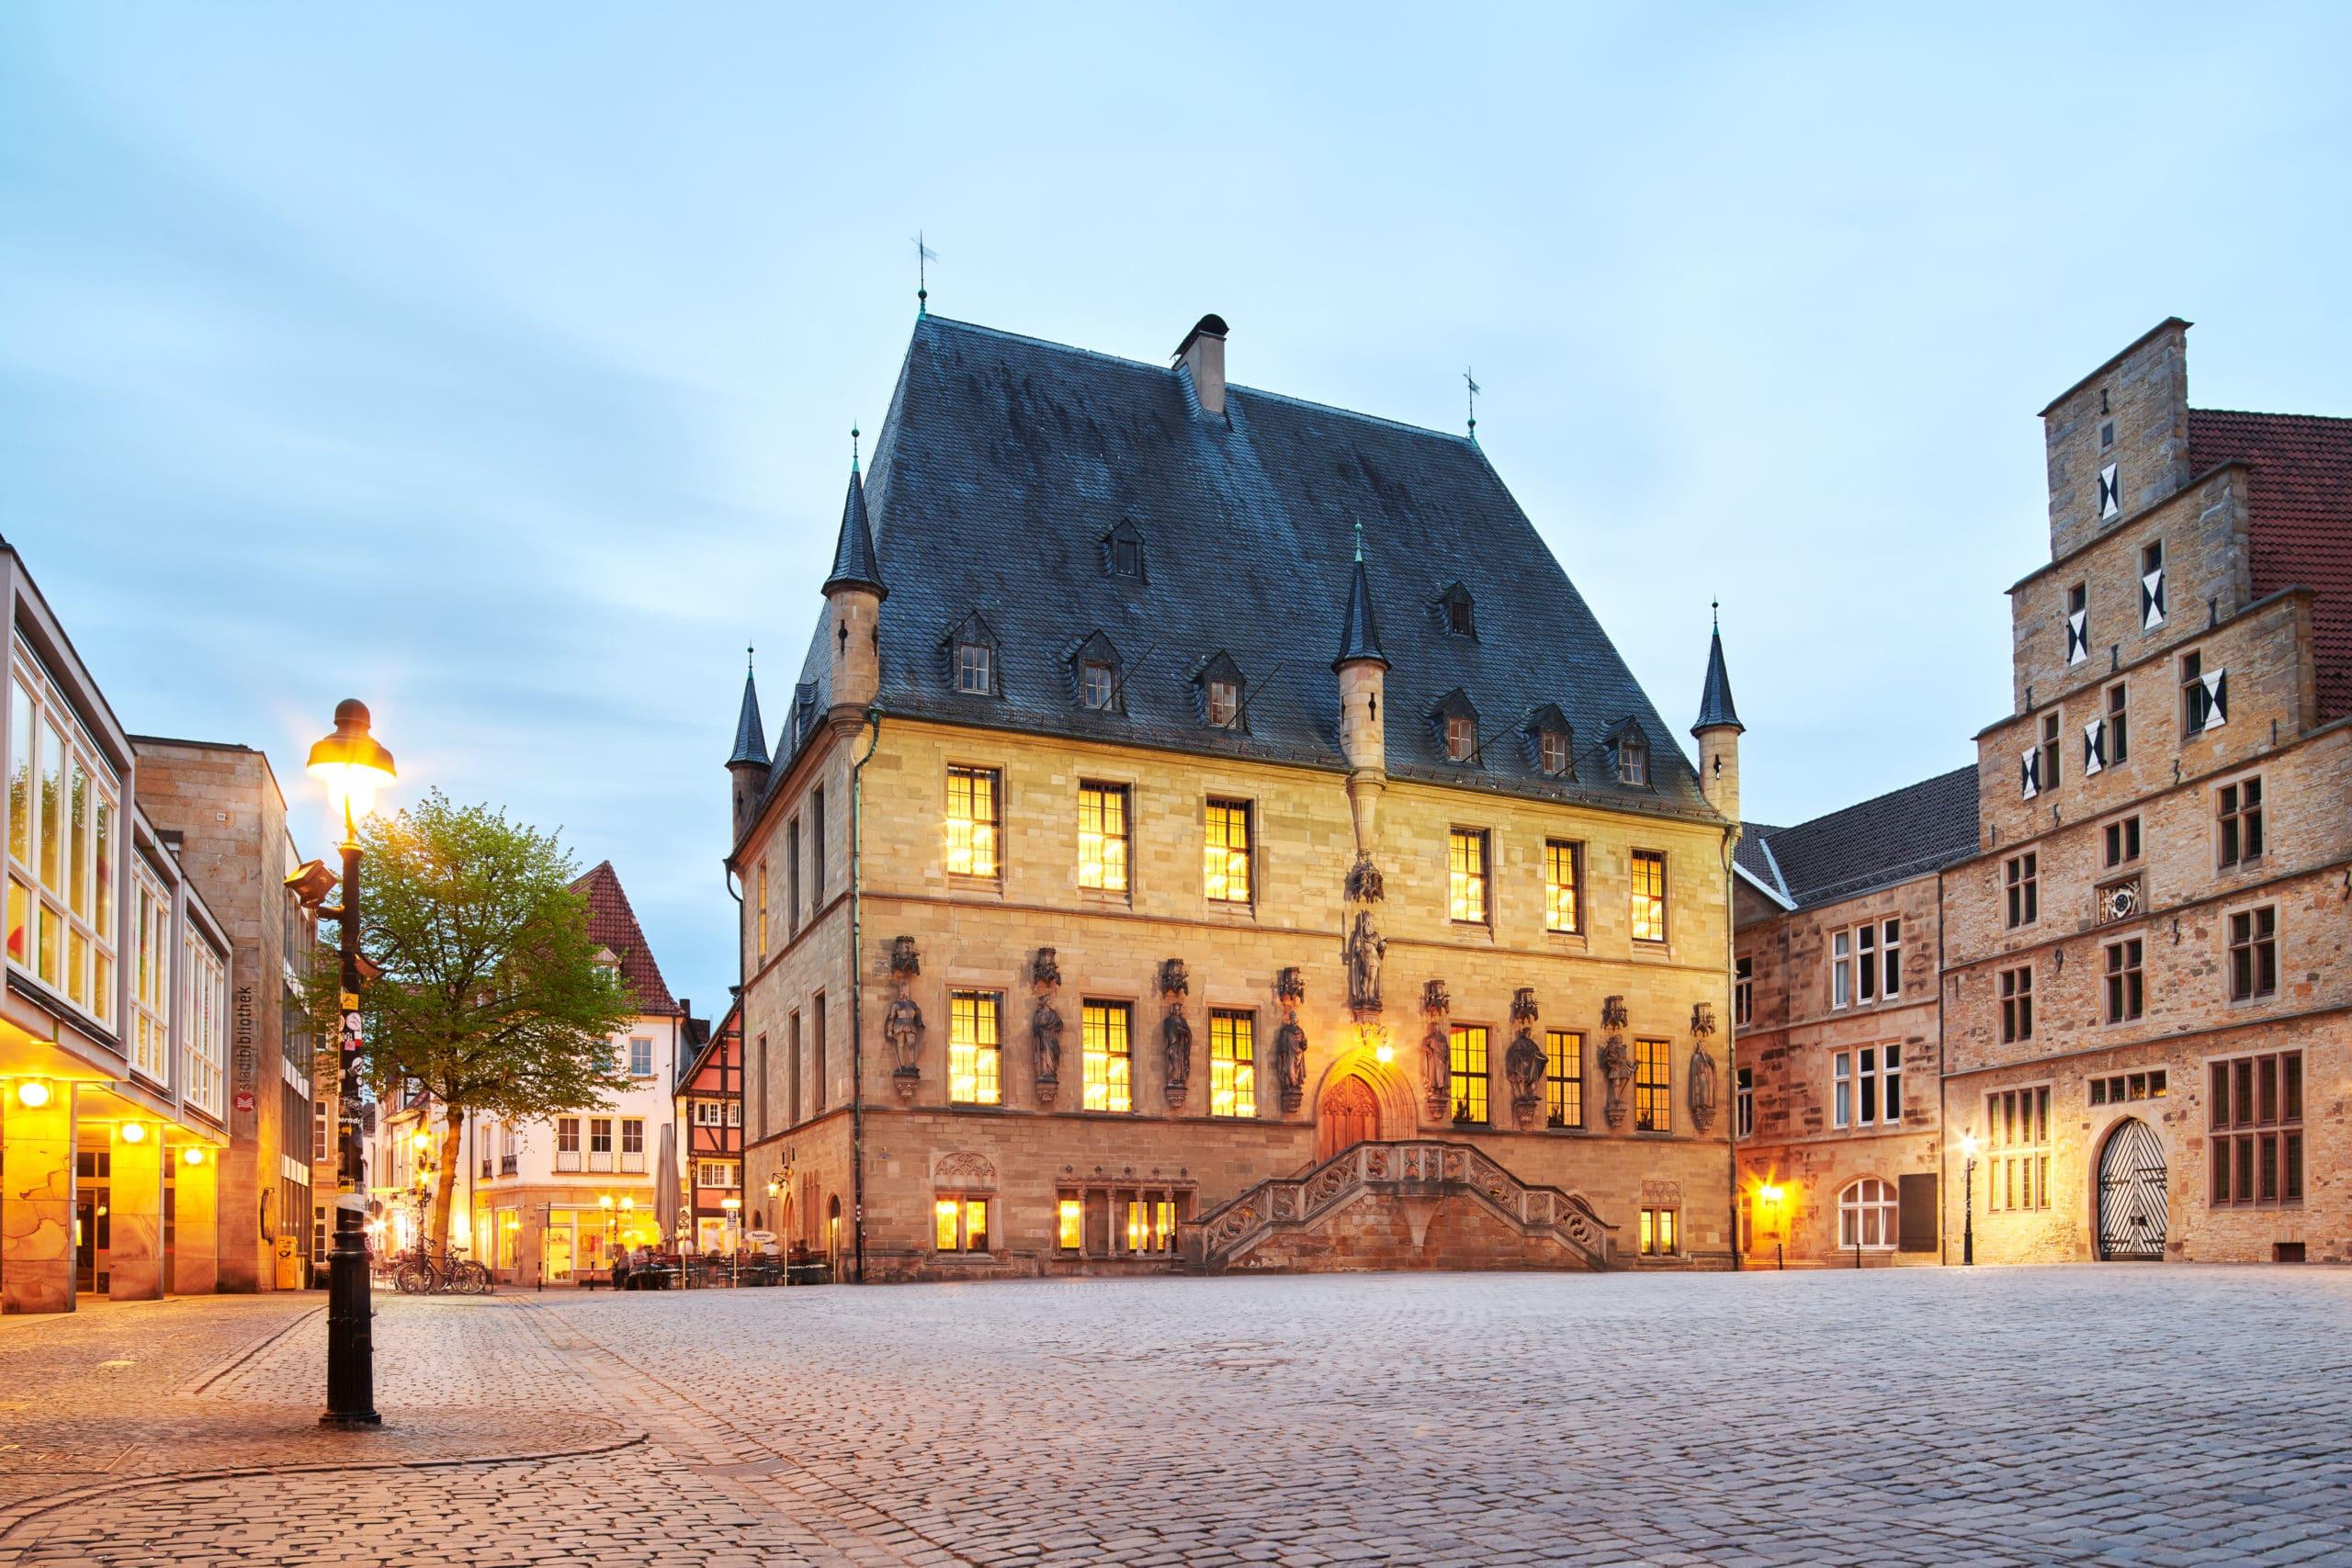 Stimmungsvolle Architekturaufnahme des Rathaus Osnabrück und der Stadtwaage in der Dämmerung |Architekturfotograf in der Region Osnabrück Münster Bielefeld für besondere Architekturaufnahmen